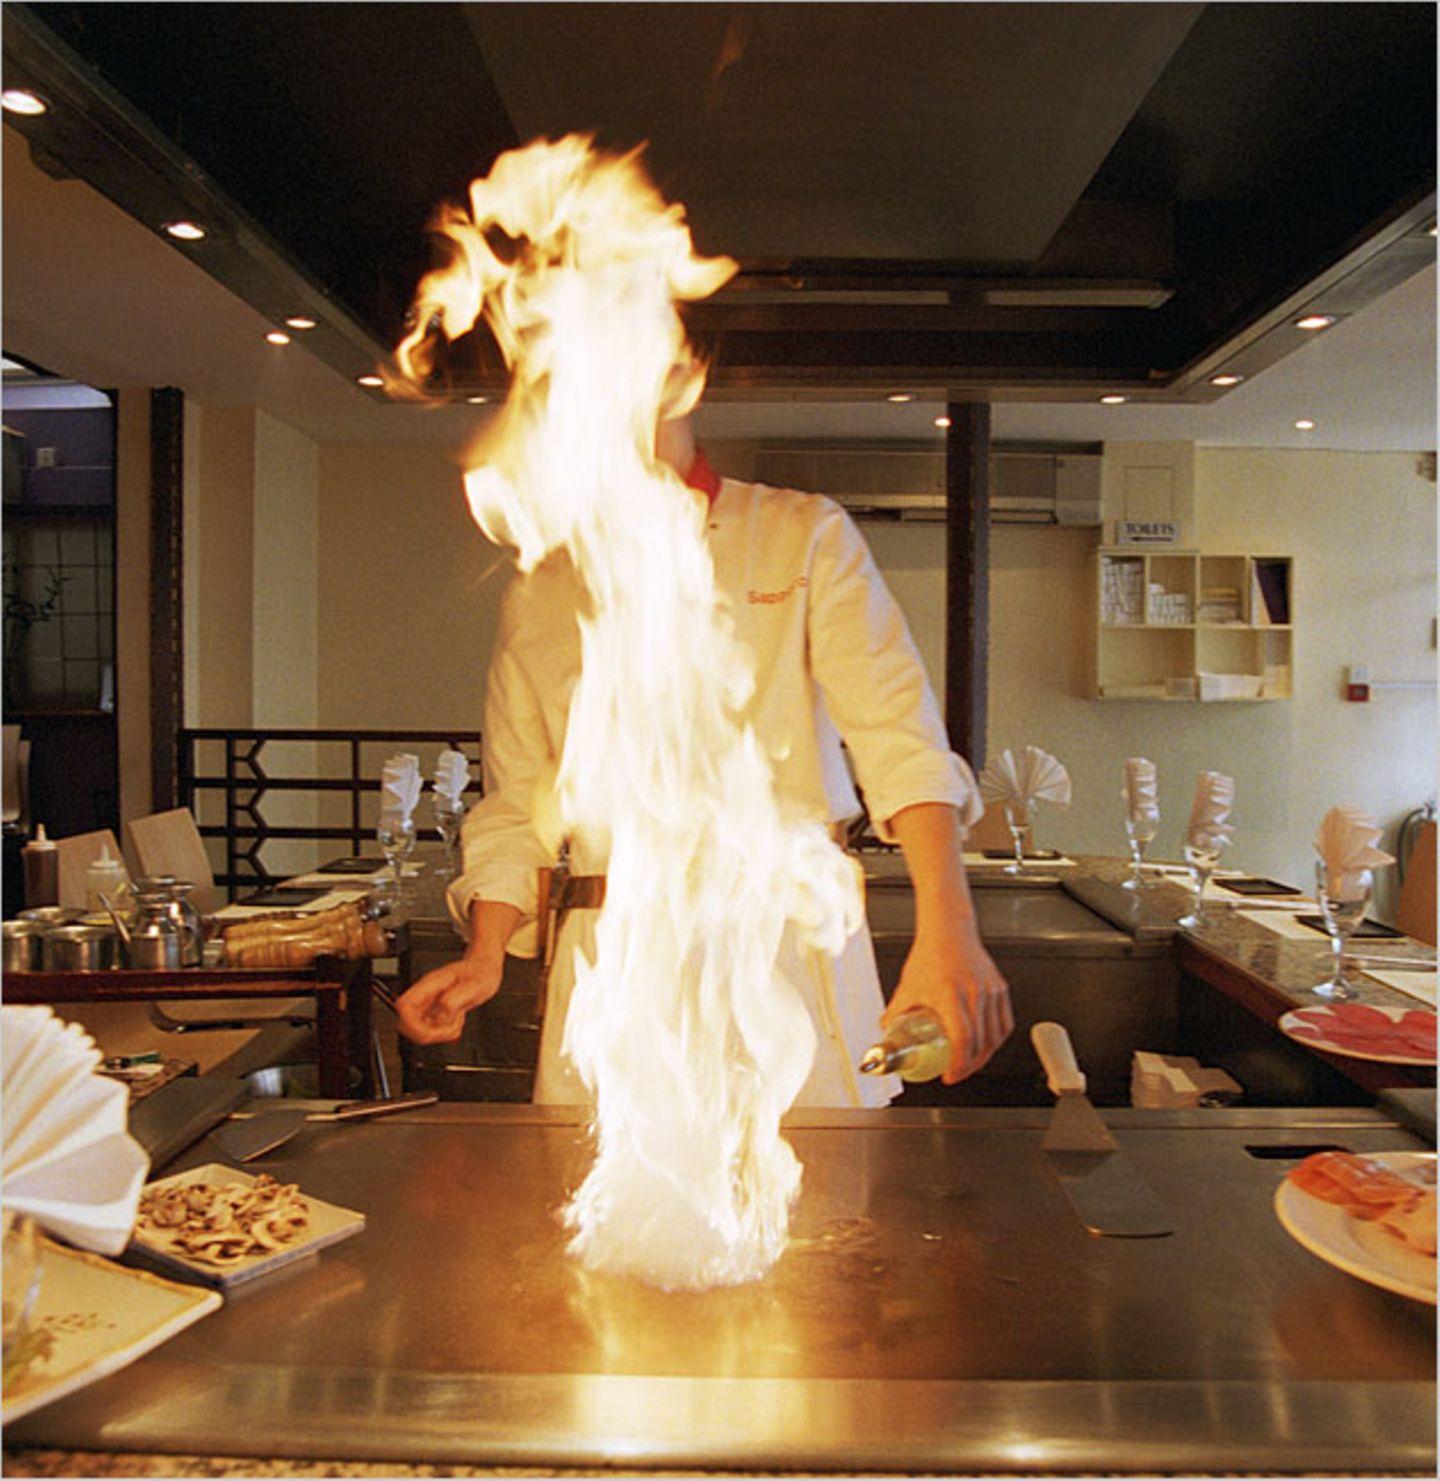 Redewendung: Wer eine Sünde begeht, kommt in Teufels Küche, um dort über dem Feuer gebraten zu werden